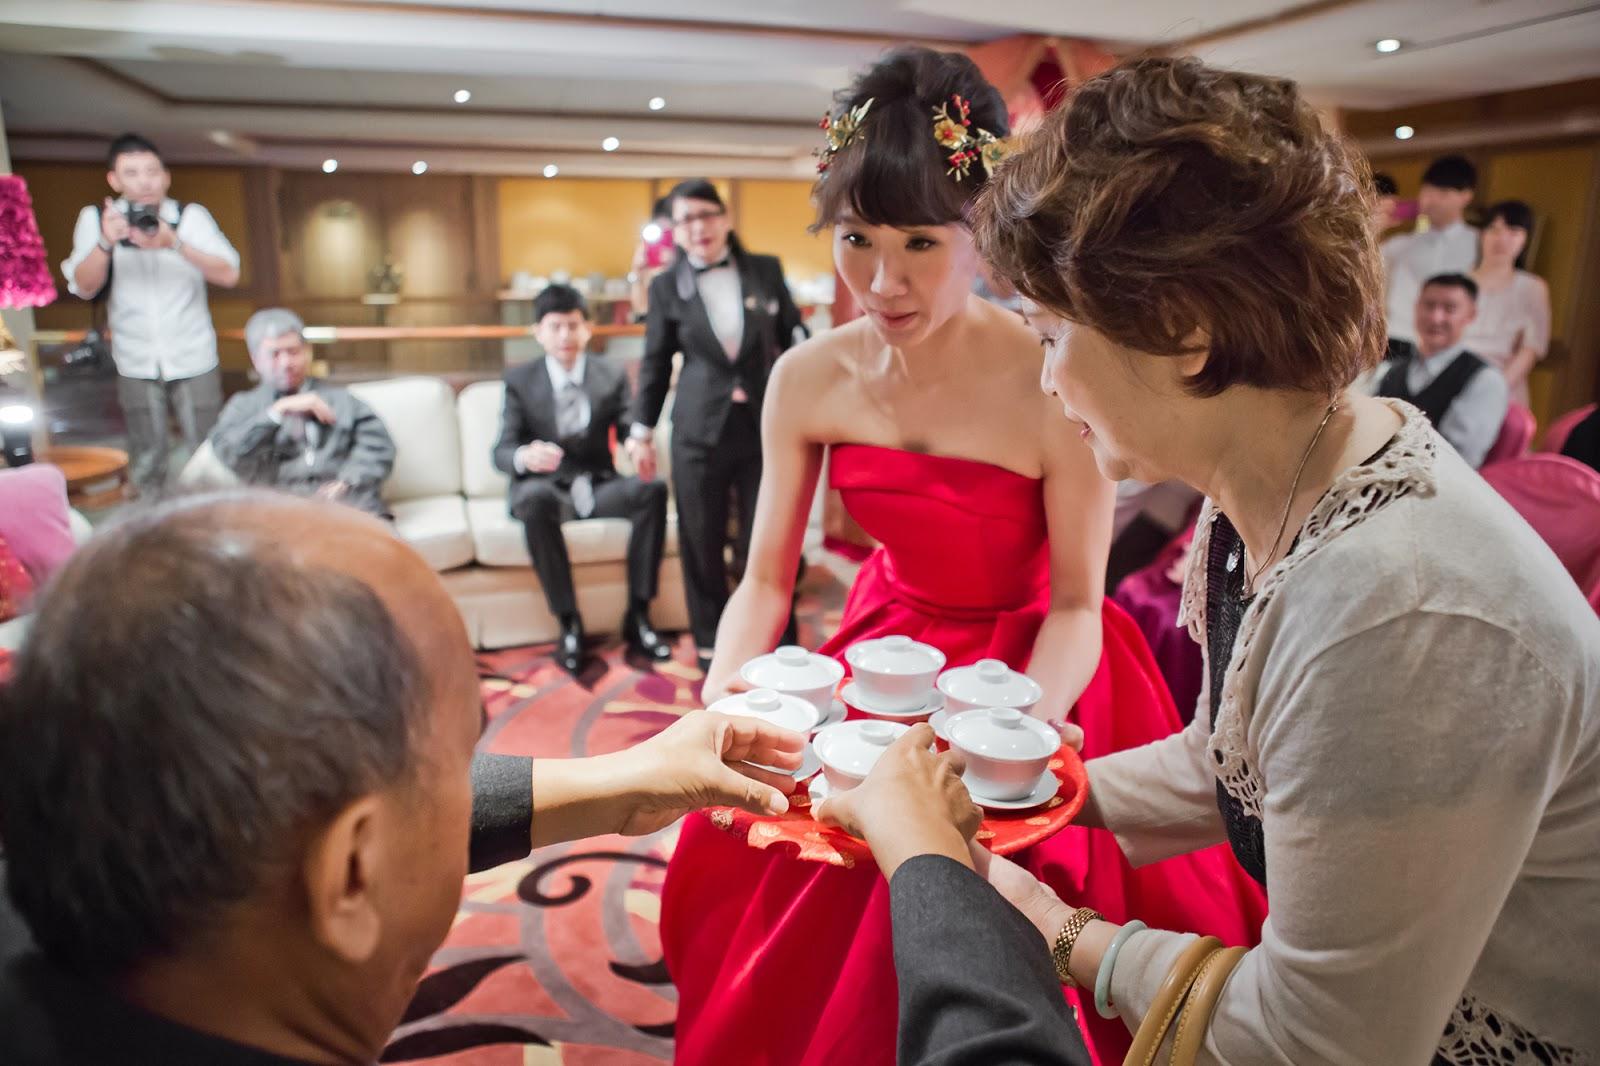 【奉茶】新娘奉茶 – 生活空間站